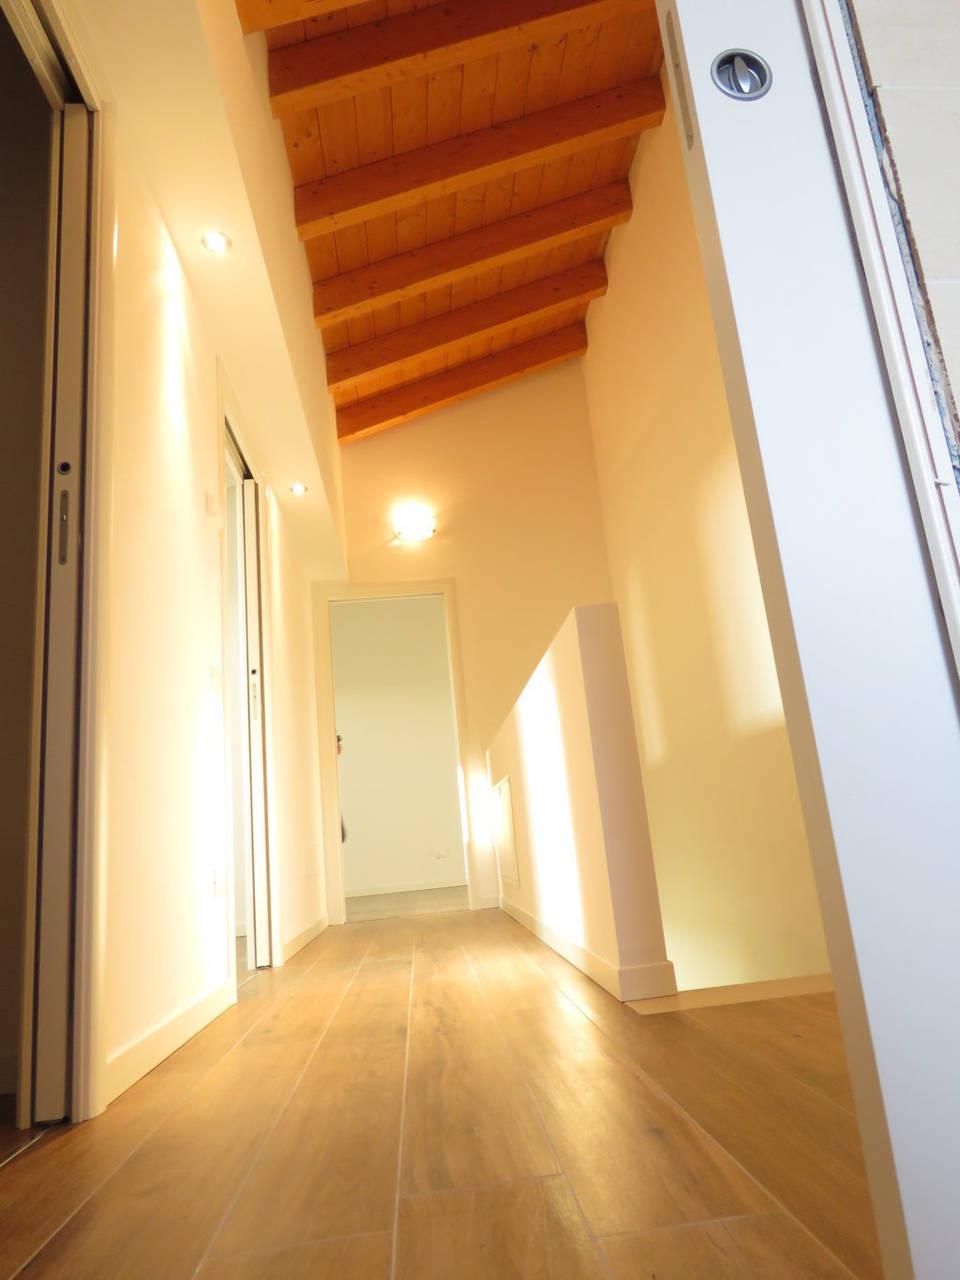 4-locali-con-terrazzo-in-vendita-a-Burago-di-Molgora-Brianza-10